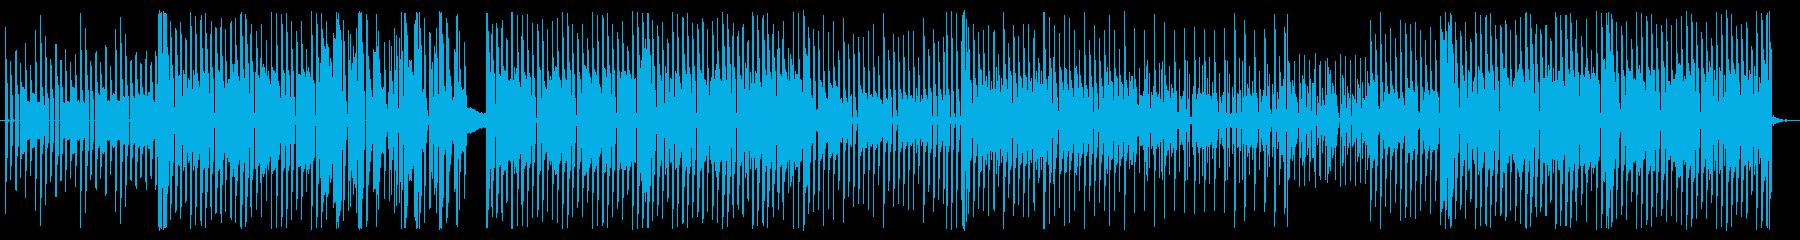 昔のRPGの戦闘曲の再生済みの波形